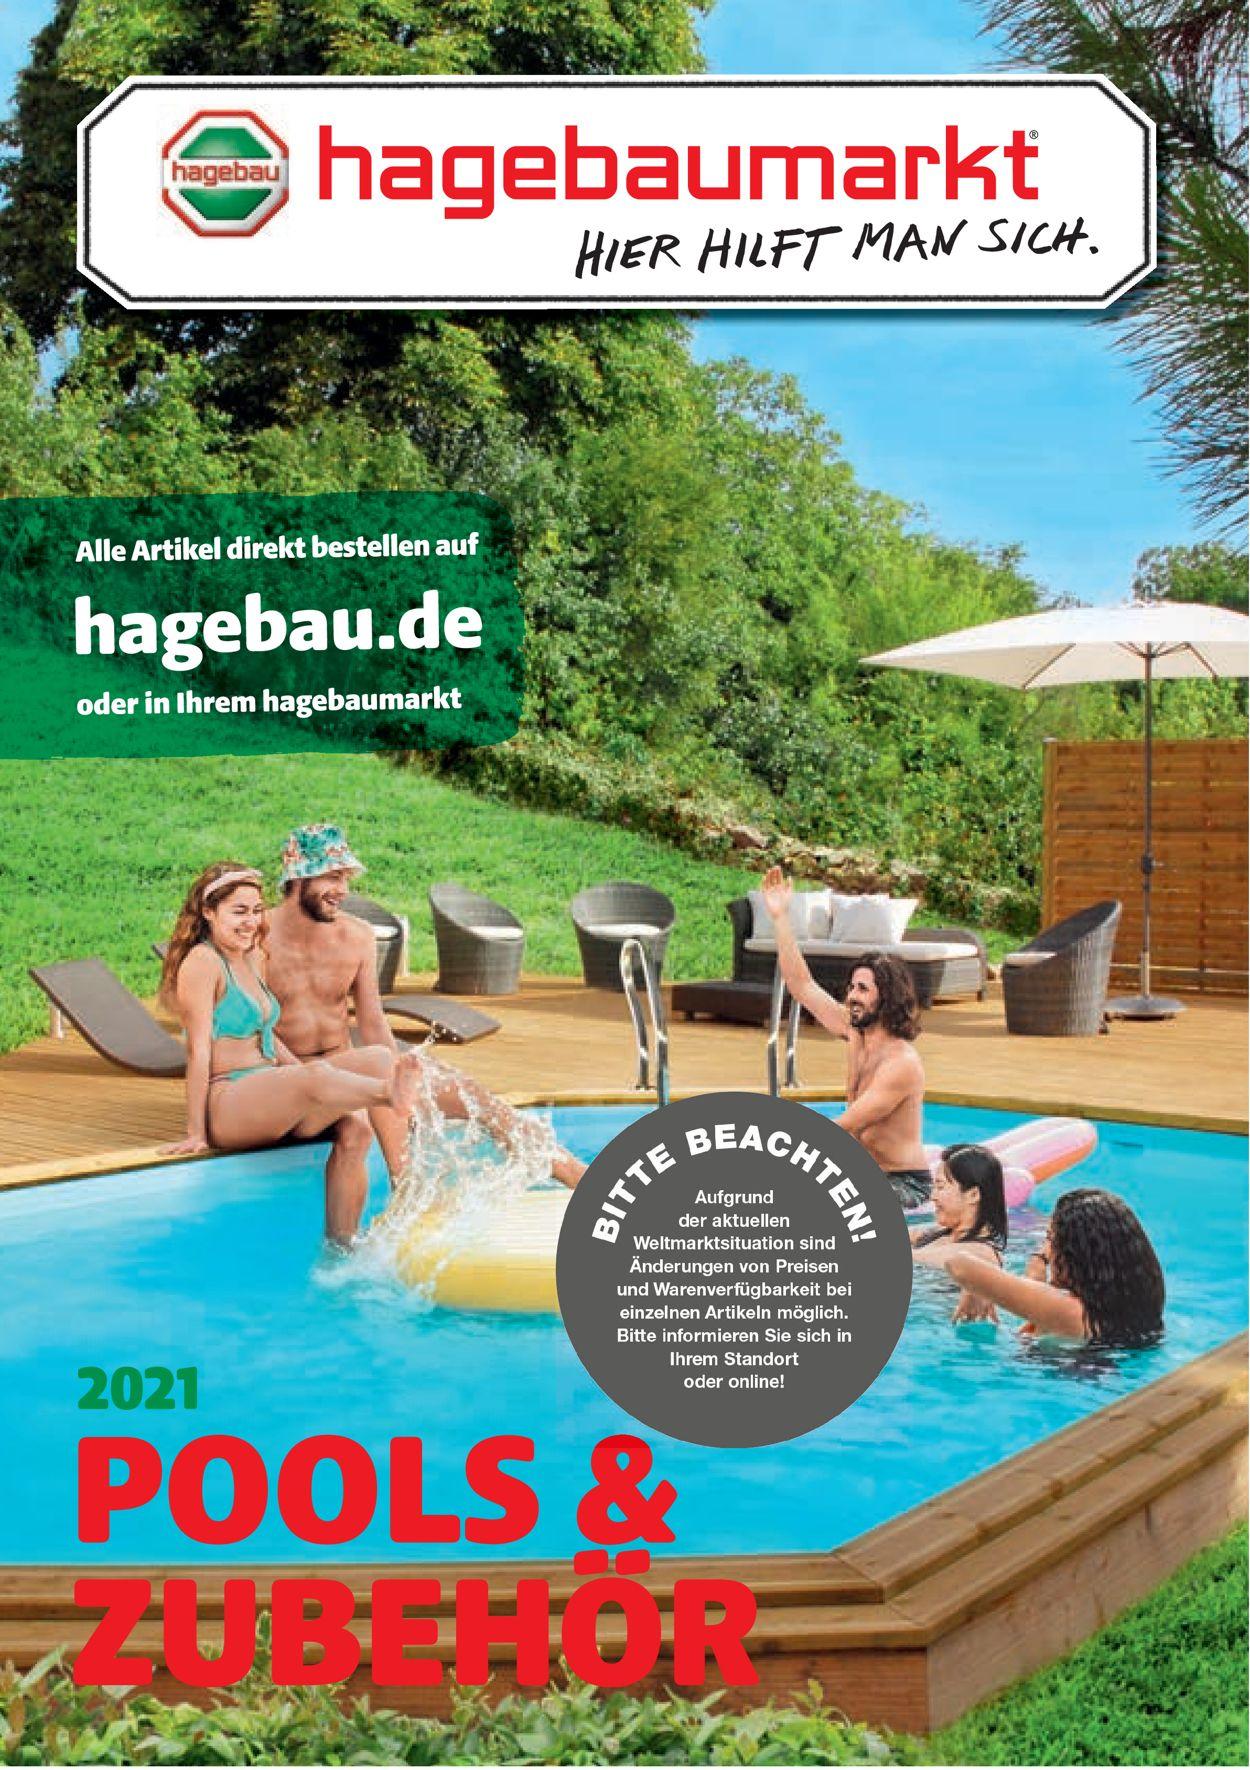 hagebaumarkt Pool Prospekt - Aktuell vom 12.04-30.04.2021